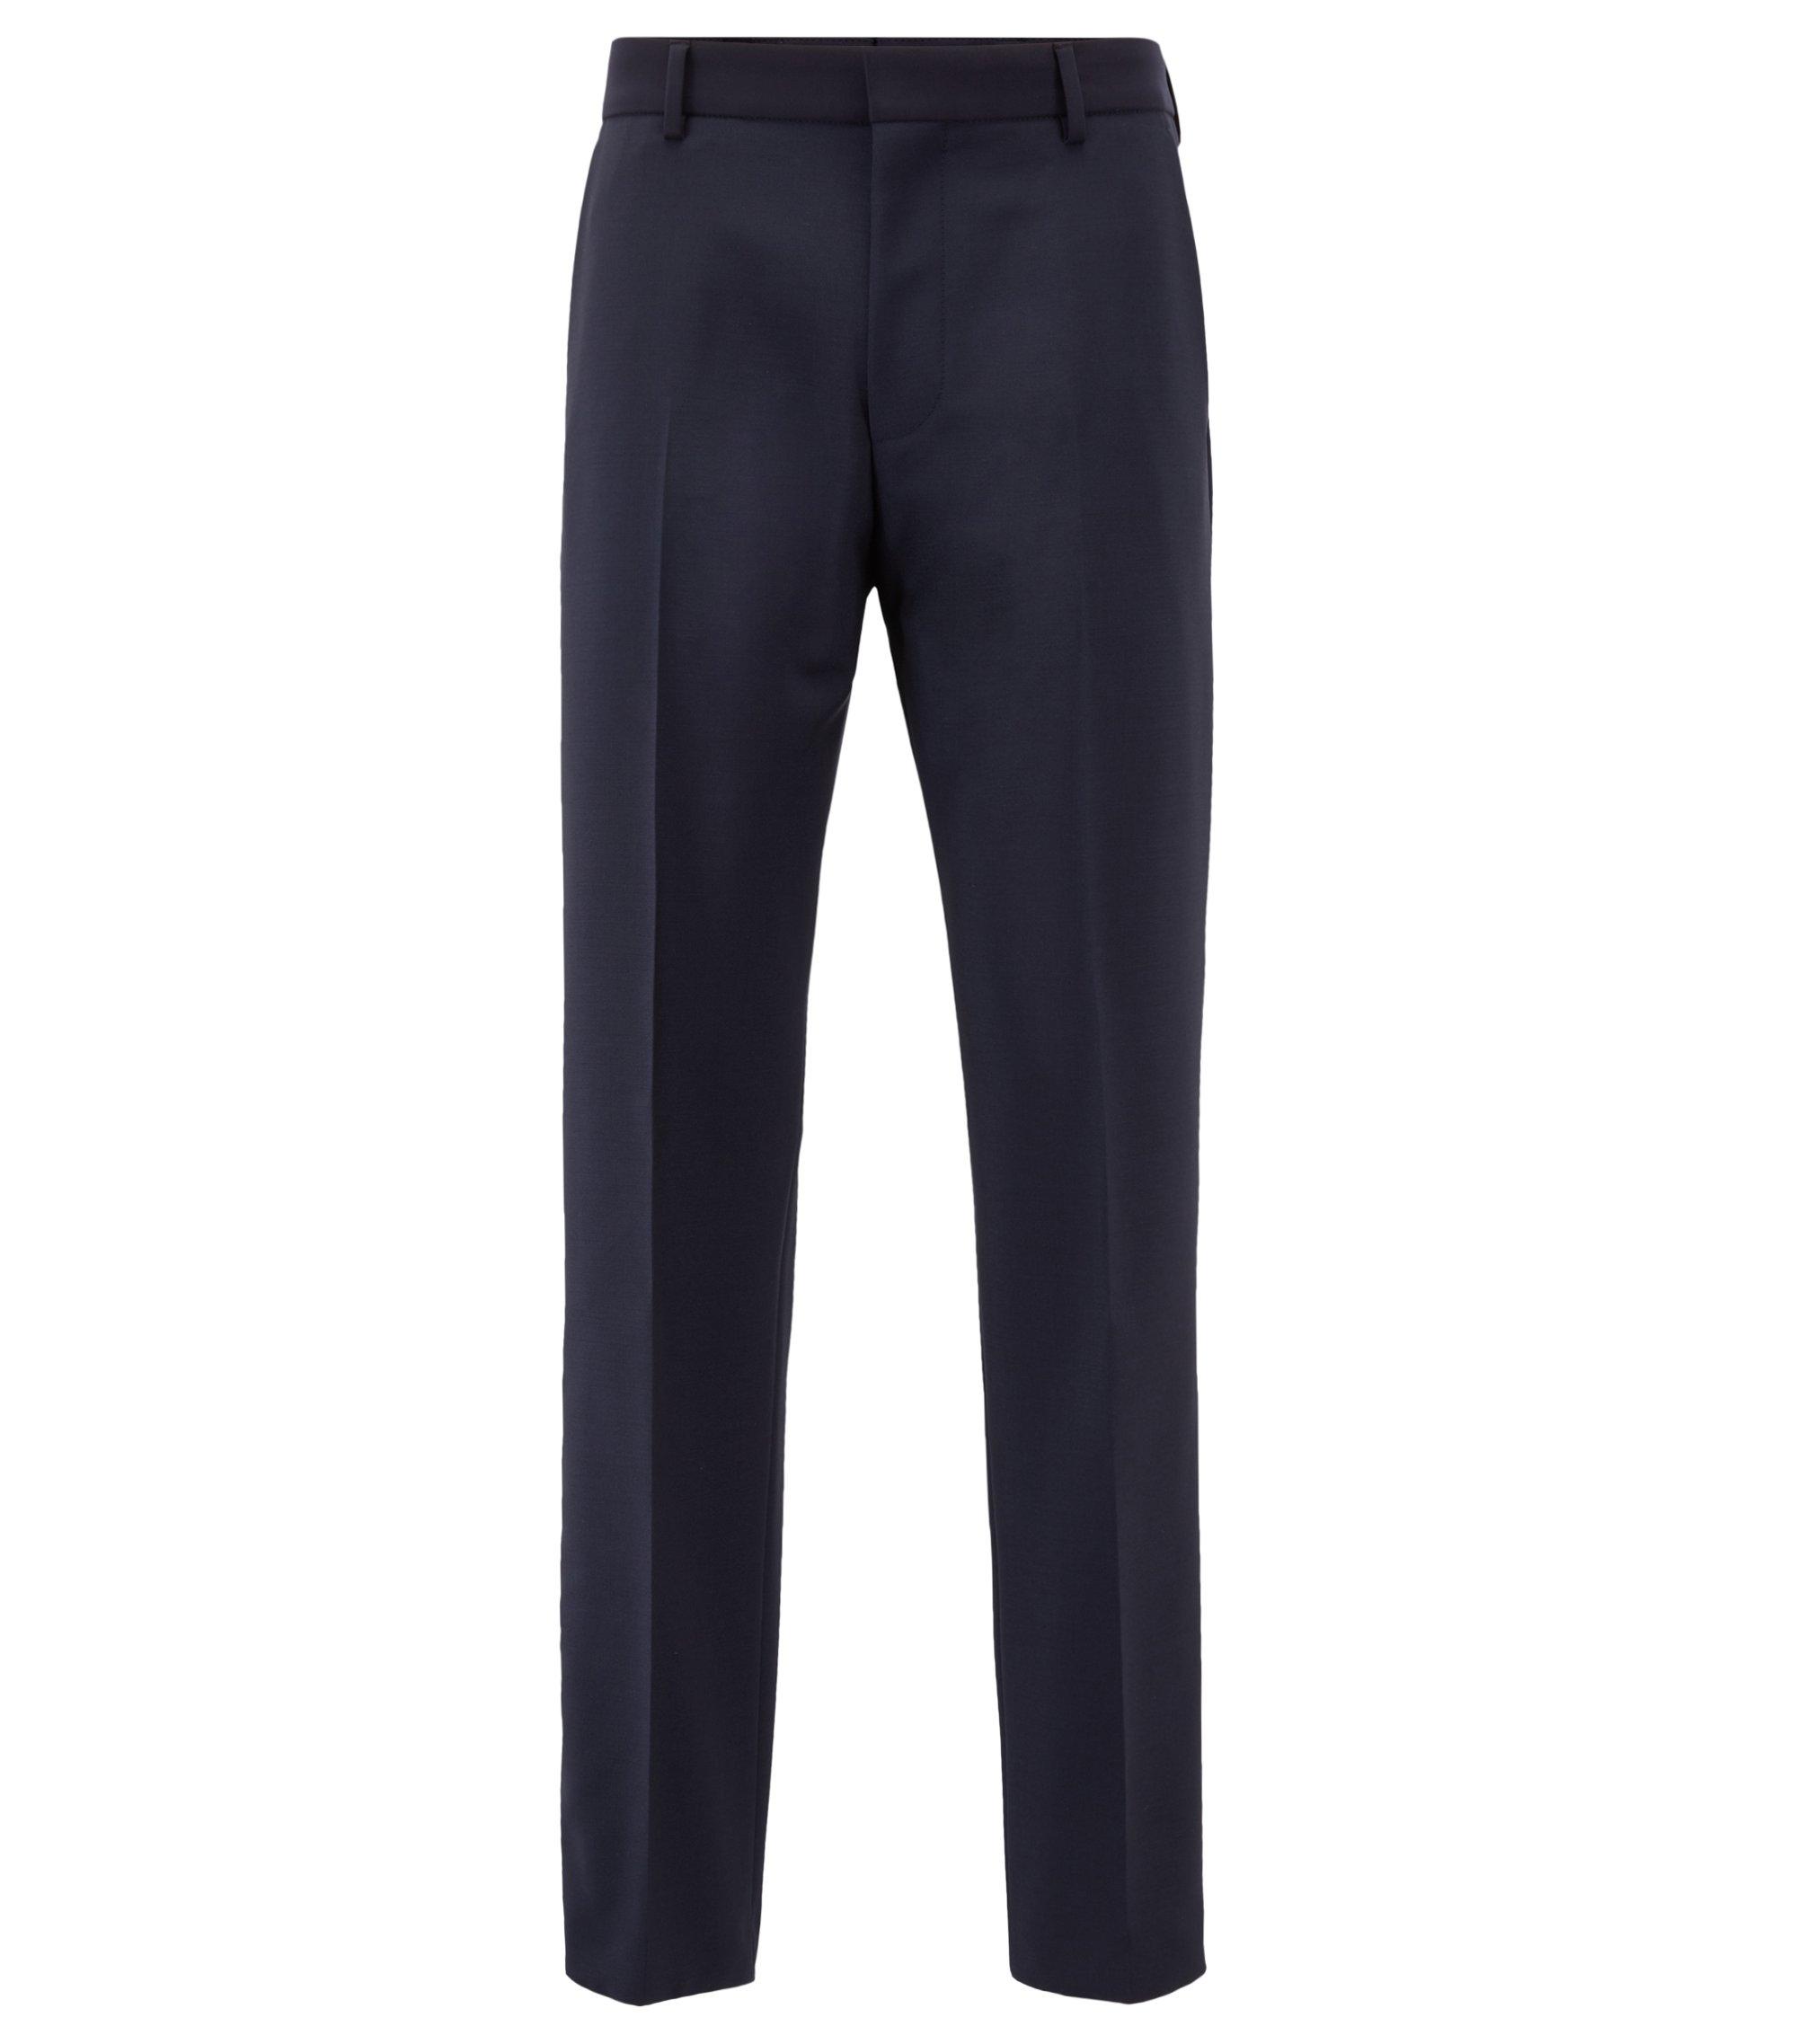 Pantalon Slim Fit en laine vierge avec du mohair, Bleu foncé